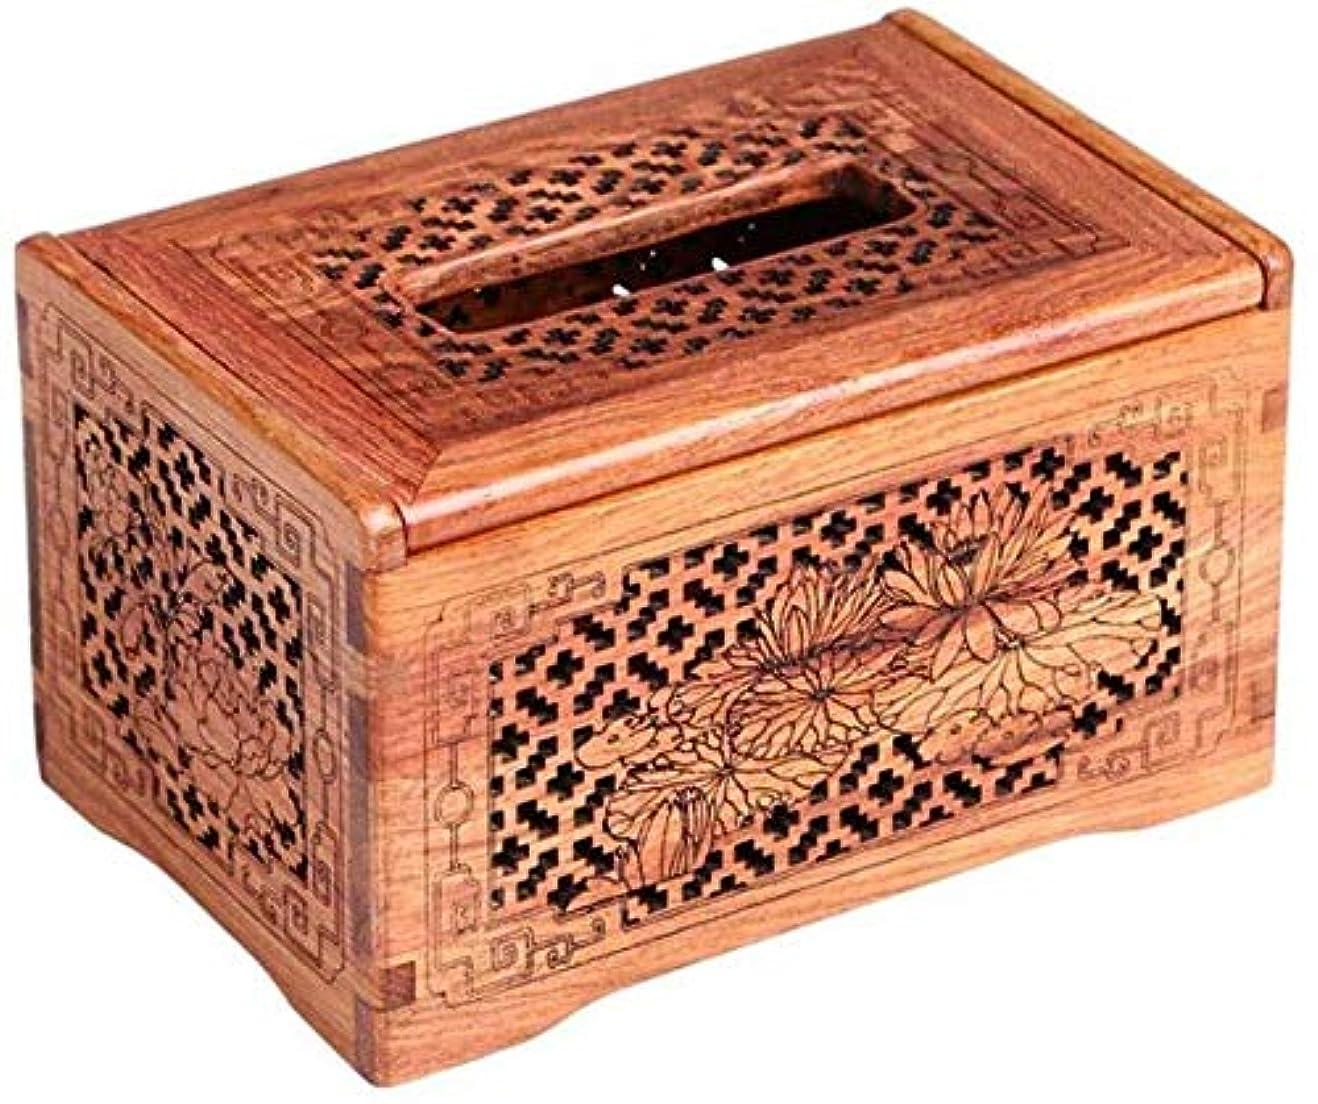 素晴らしいですガジュマル霊HTTSSH 無垢材のティッシュボックスホルダー、描画ボックス、オフィスのテーブル、収納ボックス、収納ボックス HTTSSH (サイズ : 18x12x10.5cm)